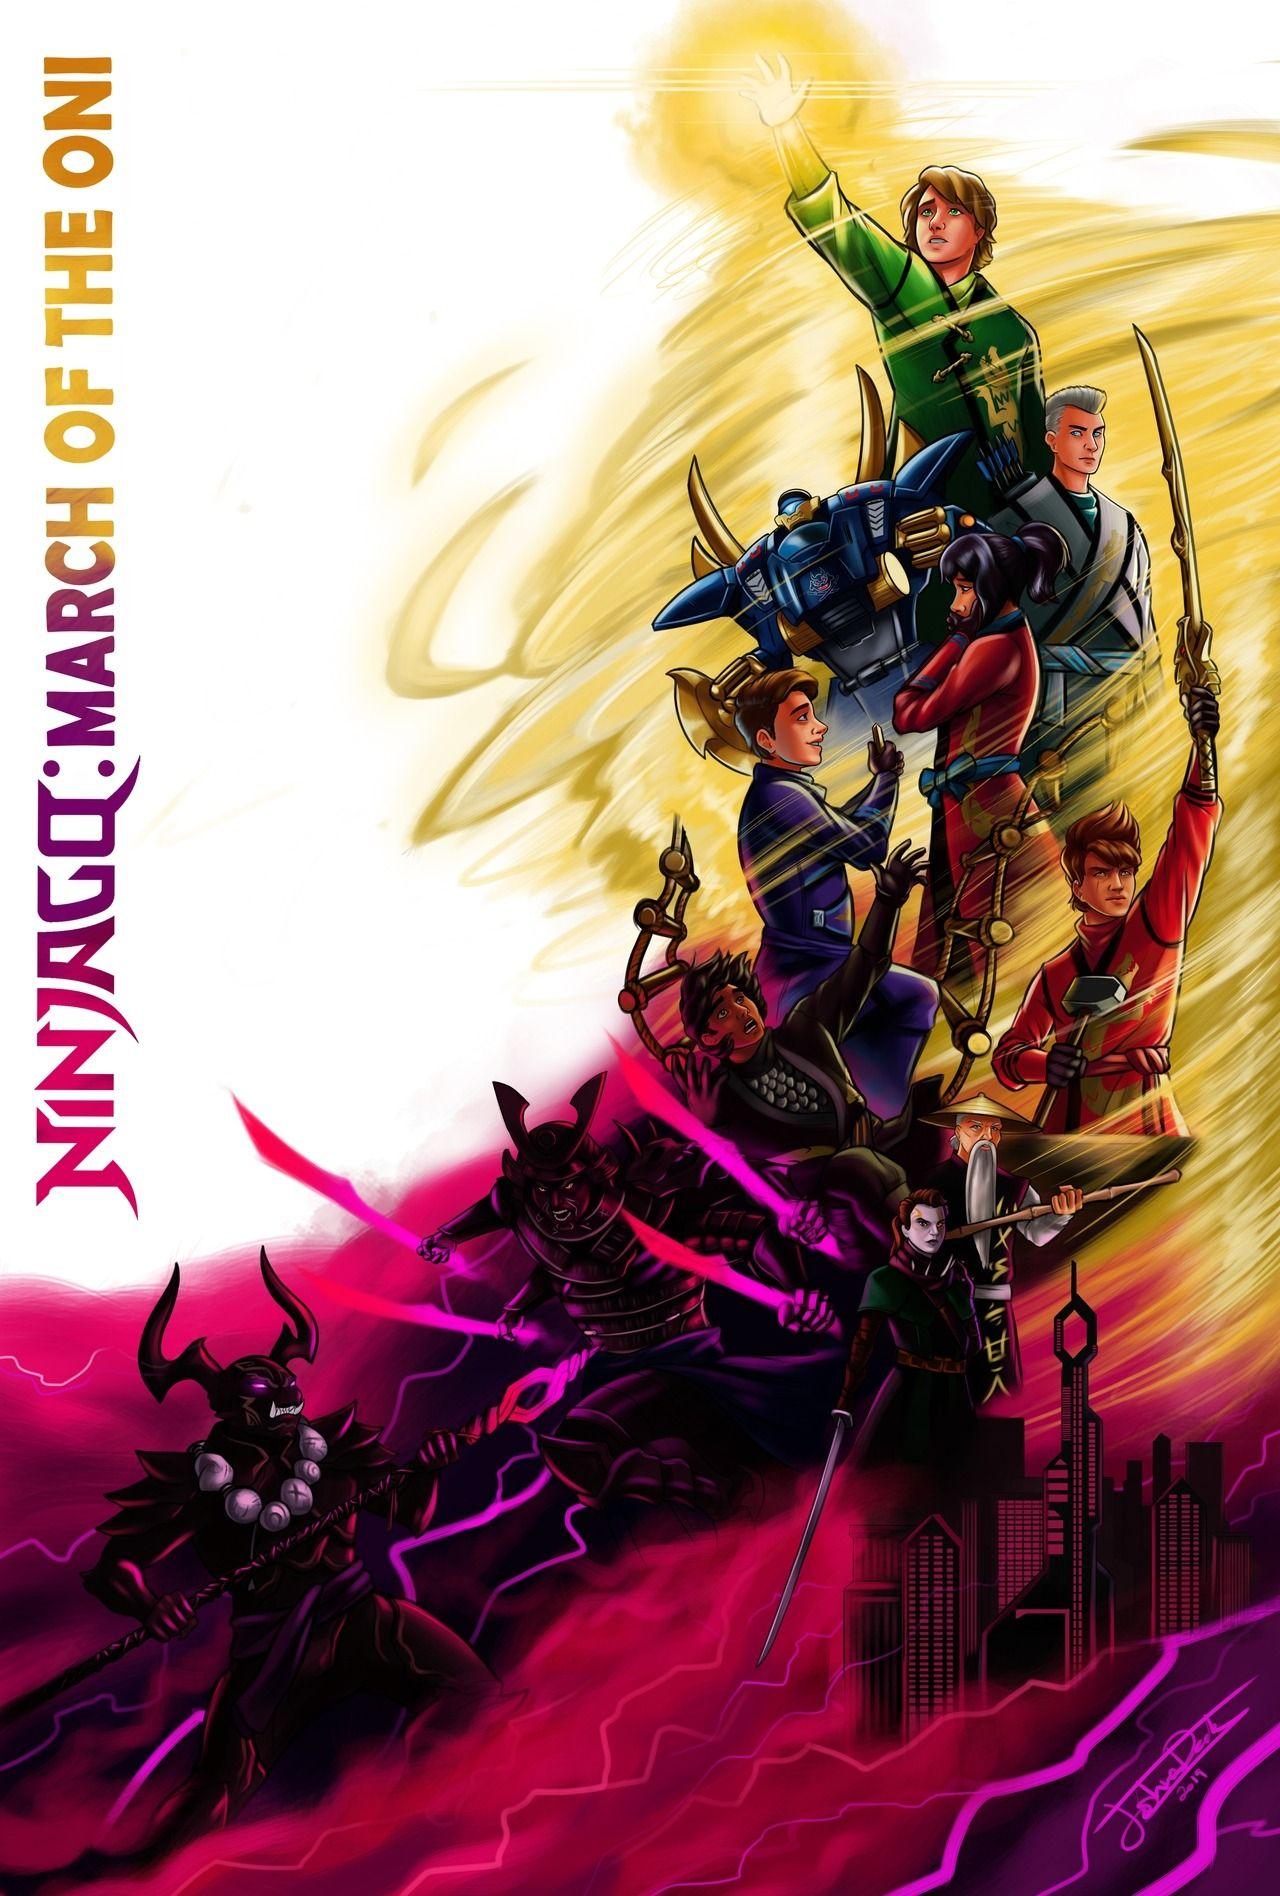 Daily Ninjago Ninjago Lego ninjago, Lego ninjago movie